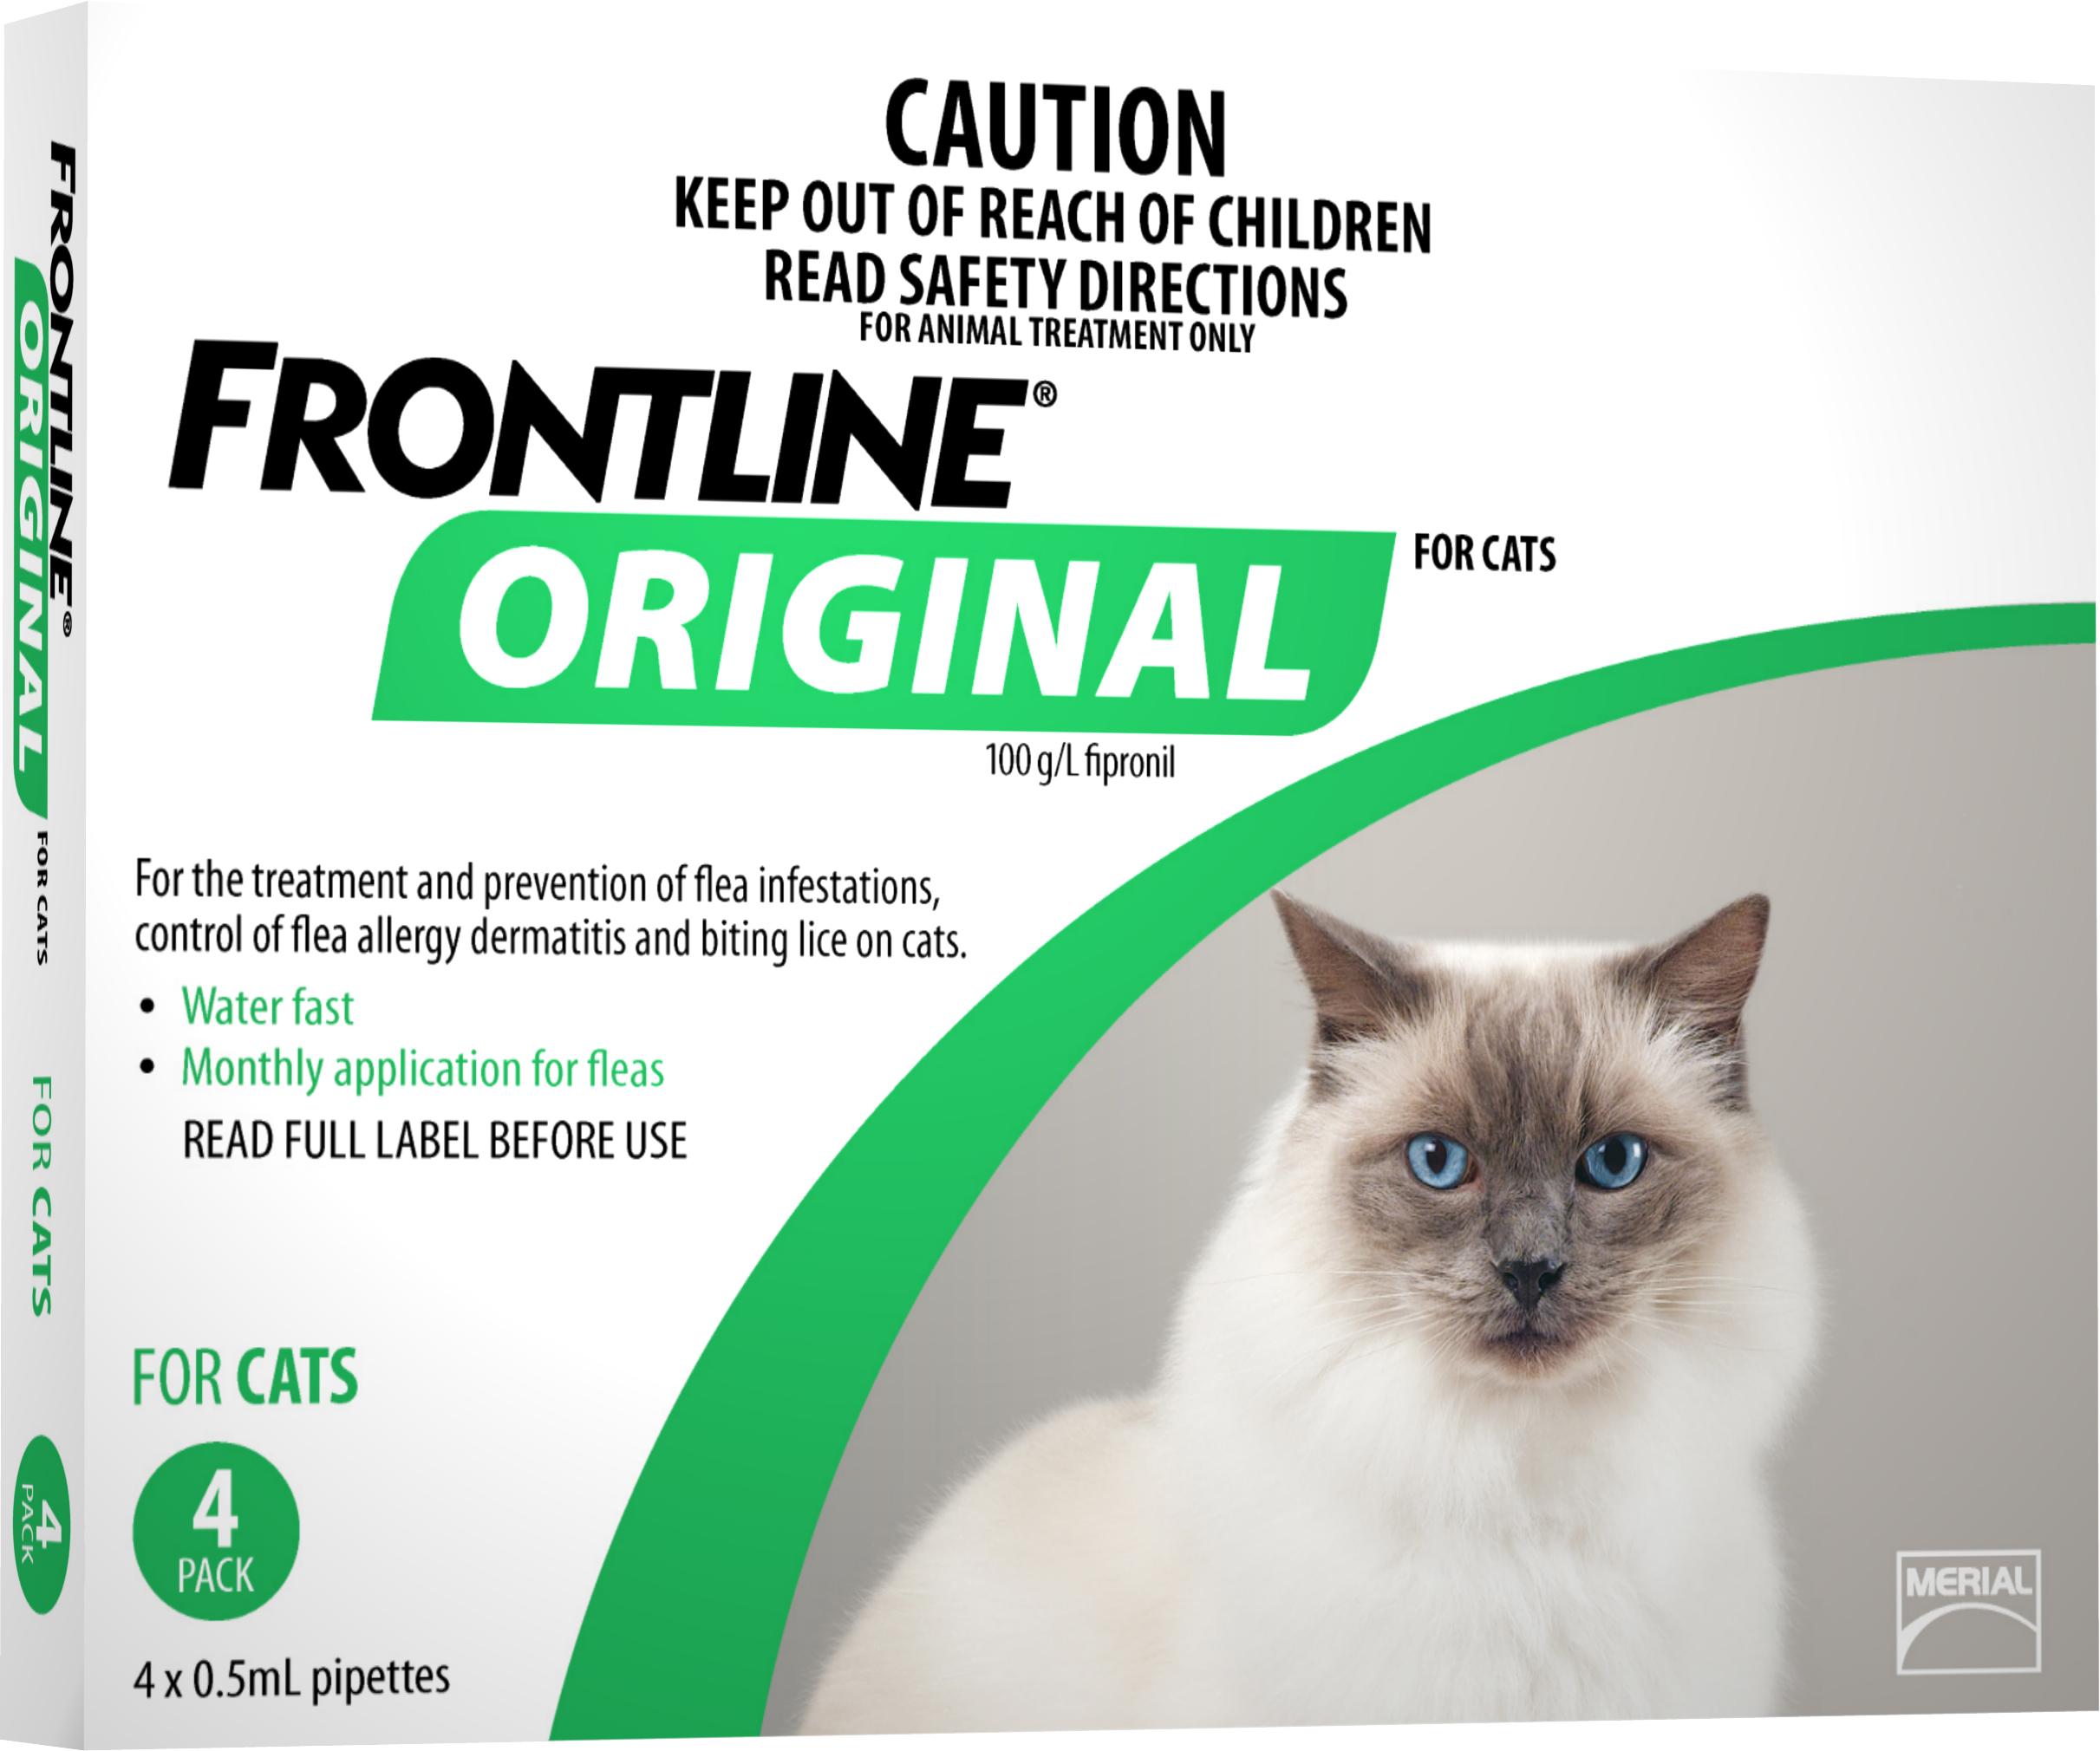 Frontline cat